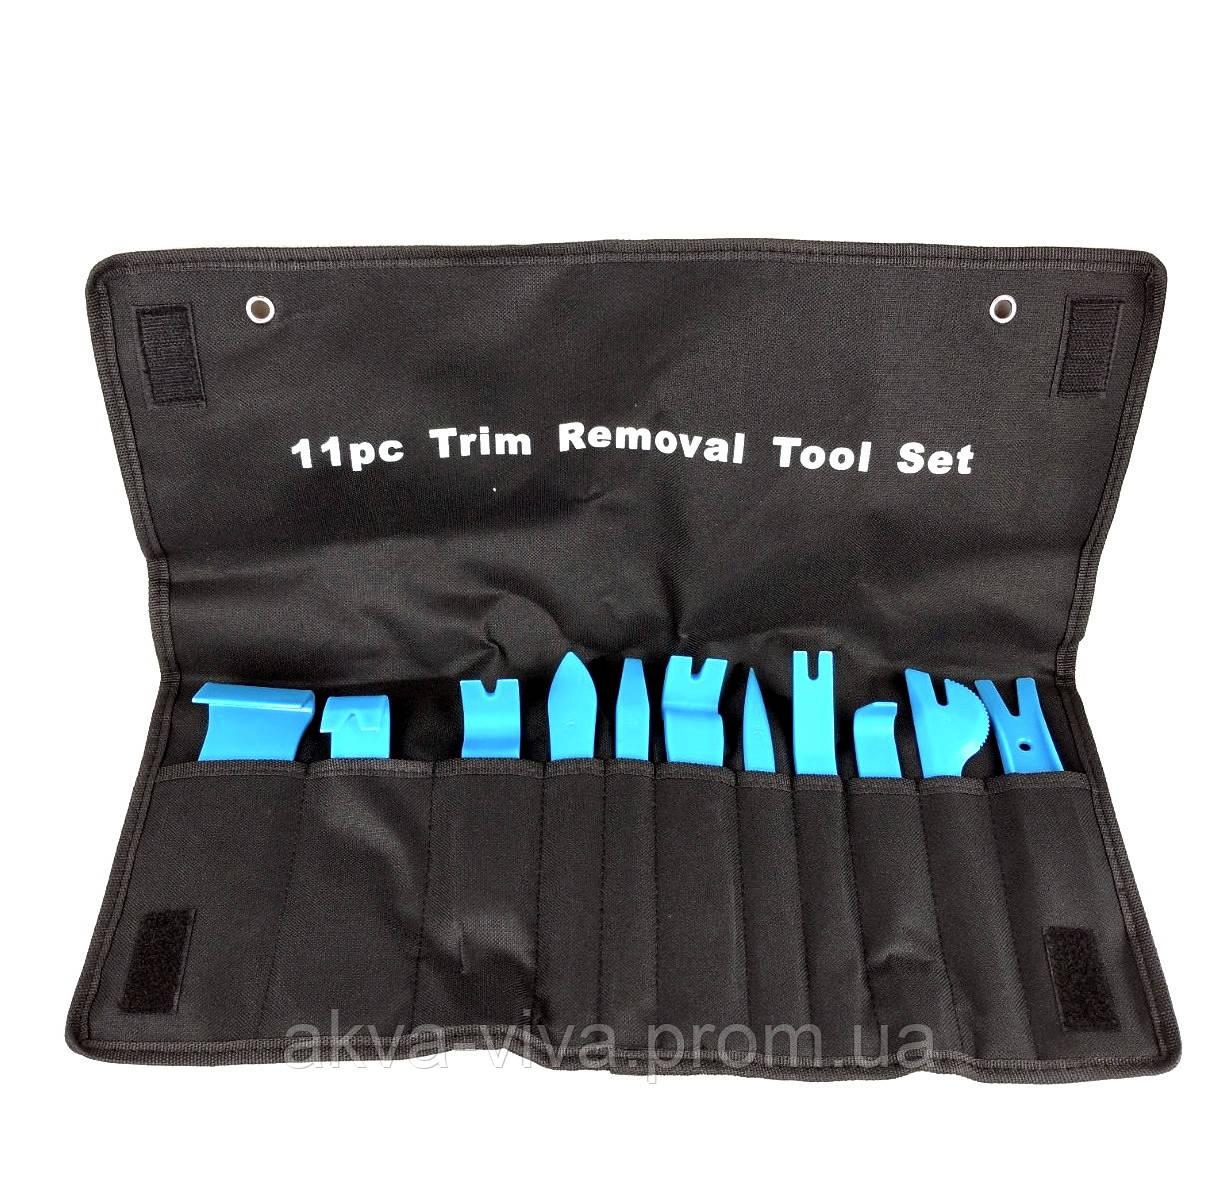 Инструменты для снятия обшивки (облицовки) авто (11 шт).